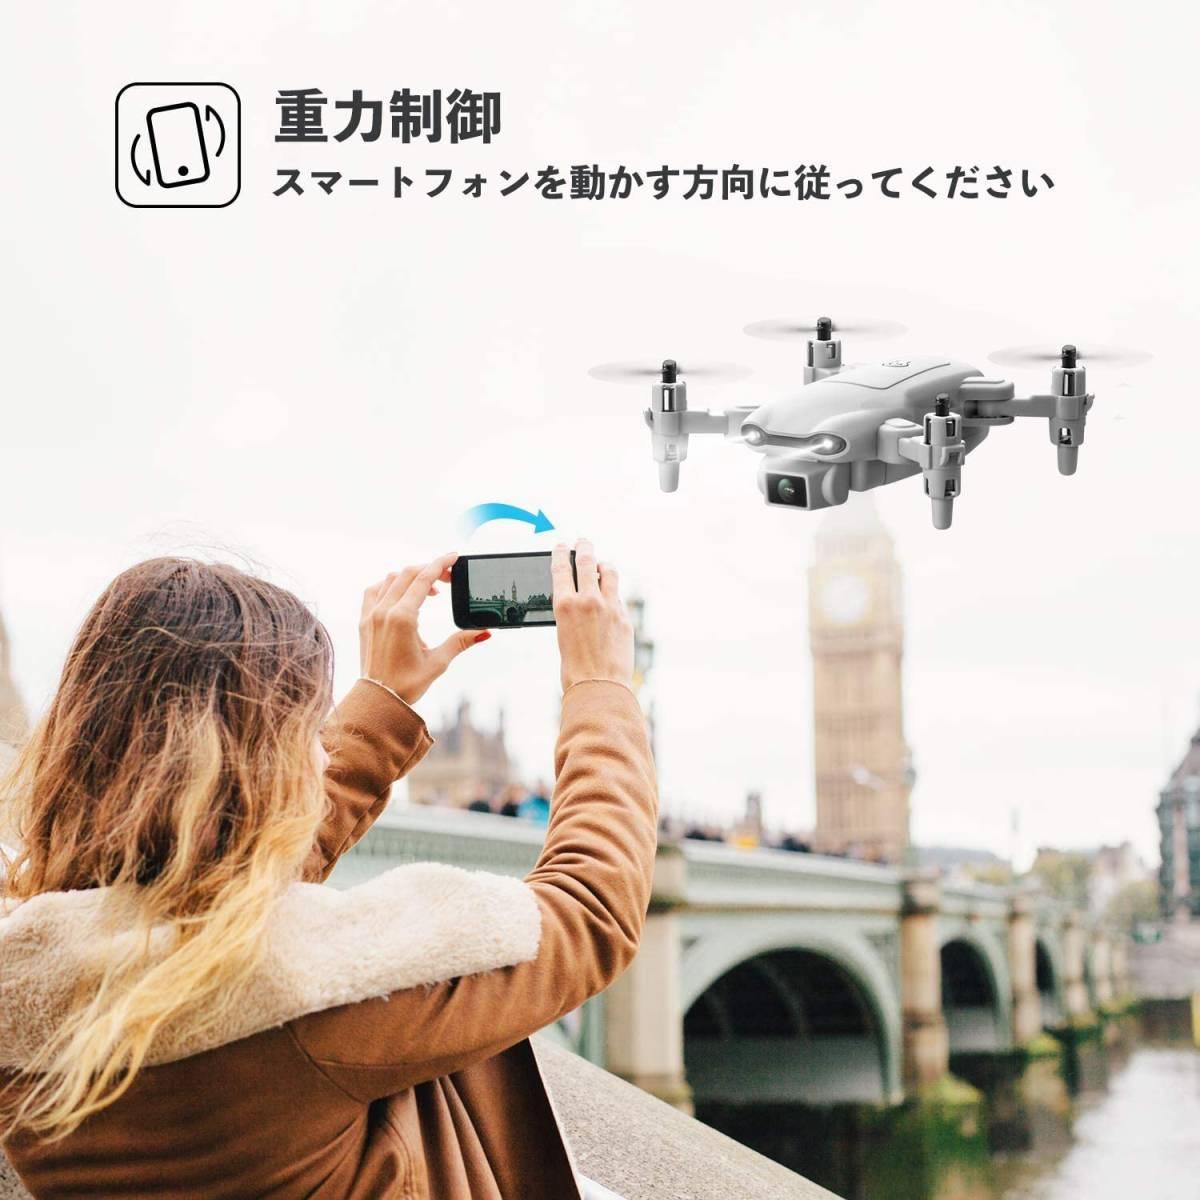 ★折りたたみ式 HDデュアルカメラ搭載★ドローン 小型収納パック付き